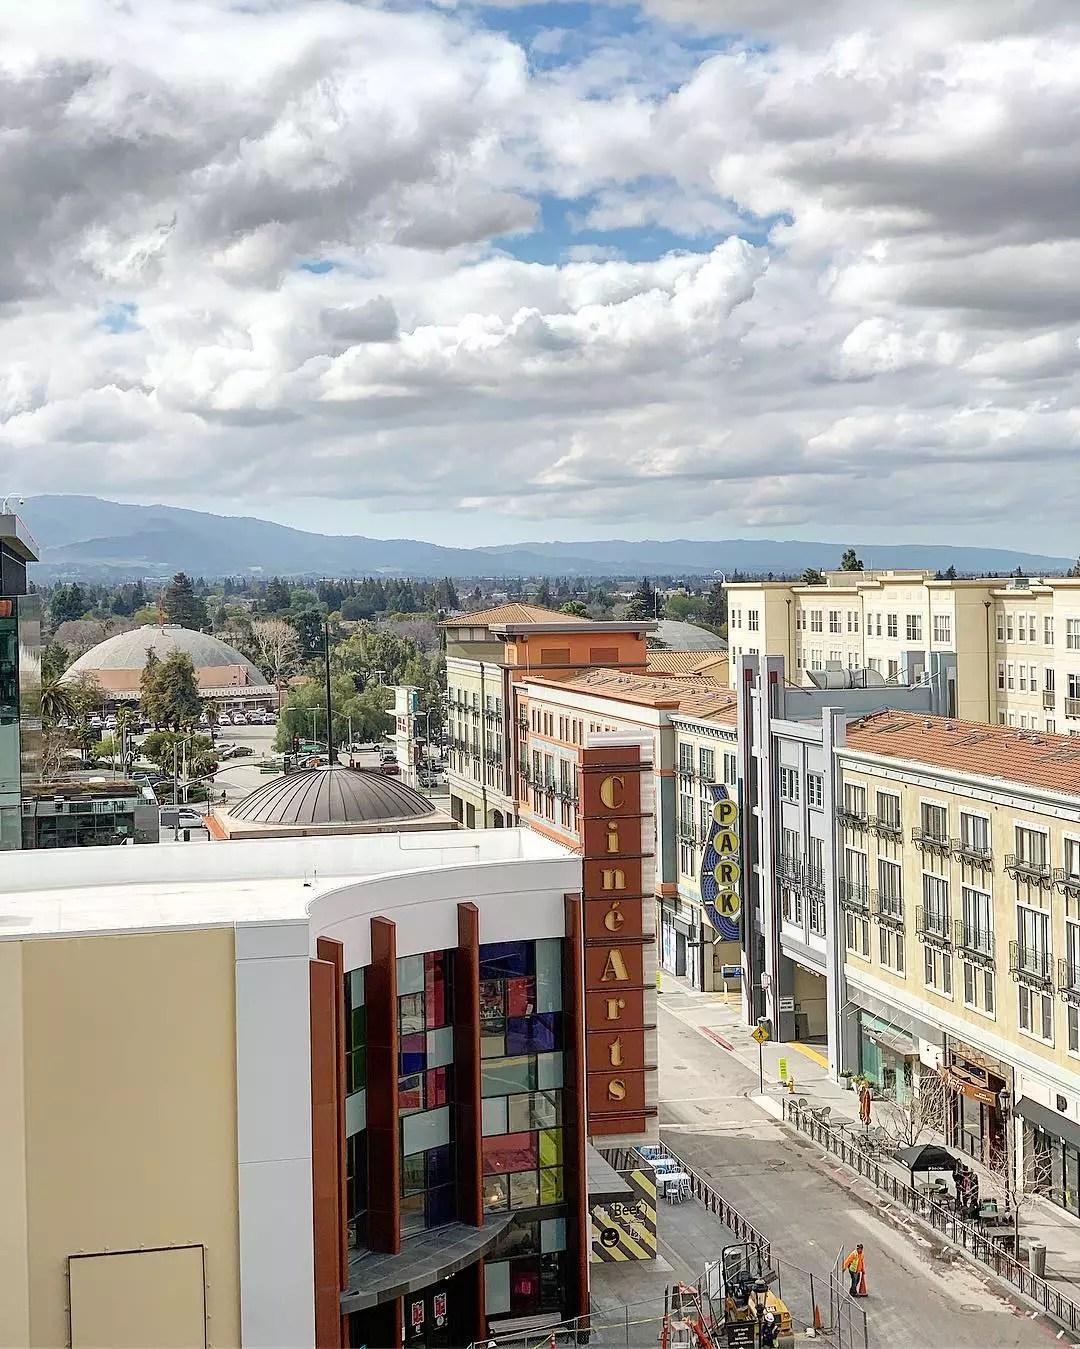 San Jose's Santana Row. Photo by Instagram user @santanarow